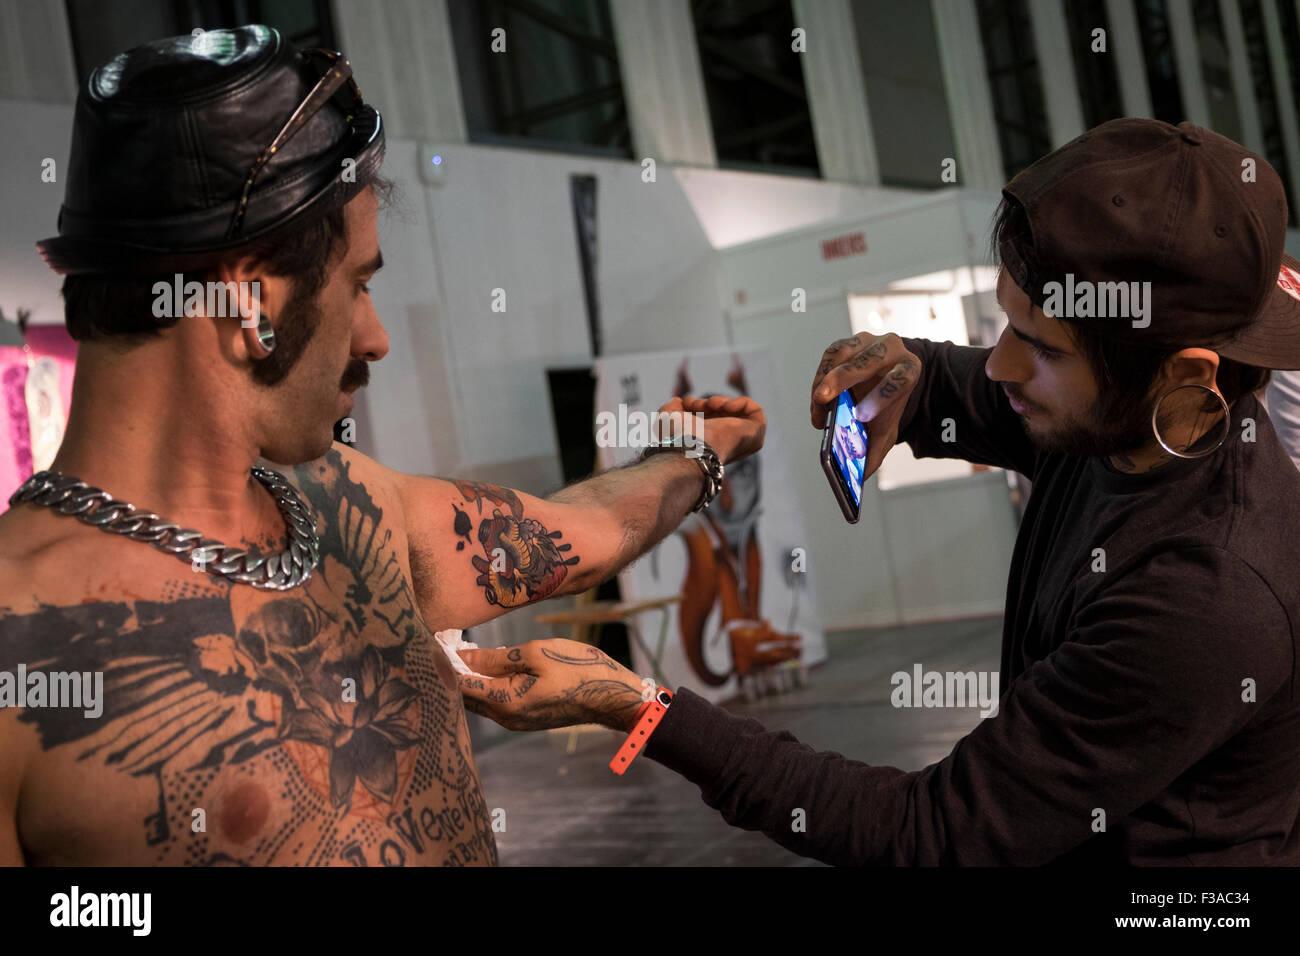 Barcelona, España. 2 de octubre de 2015. XVIII expo tatuaje Internacional en Barcelona, España. 02Th de octubre Foto de stock